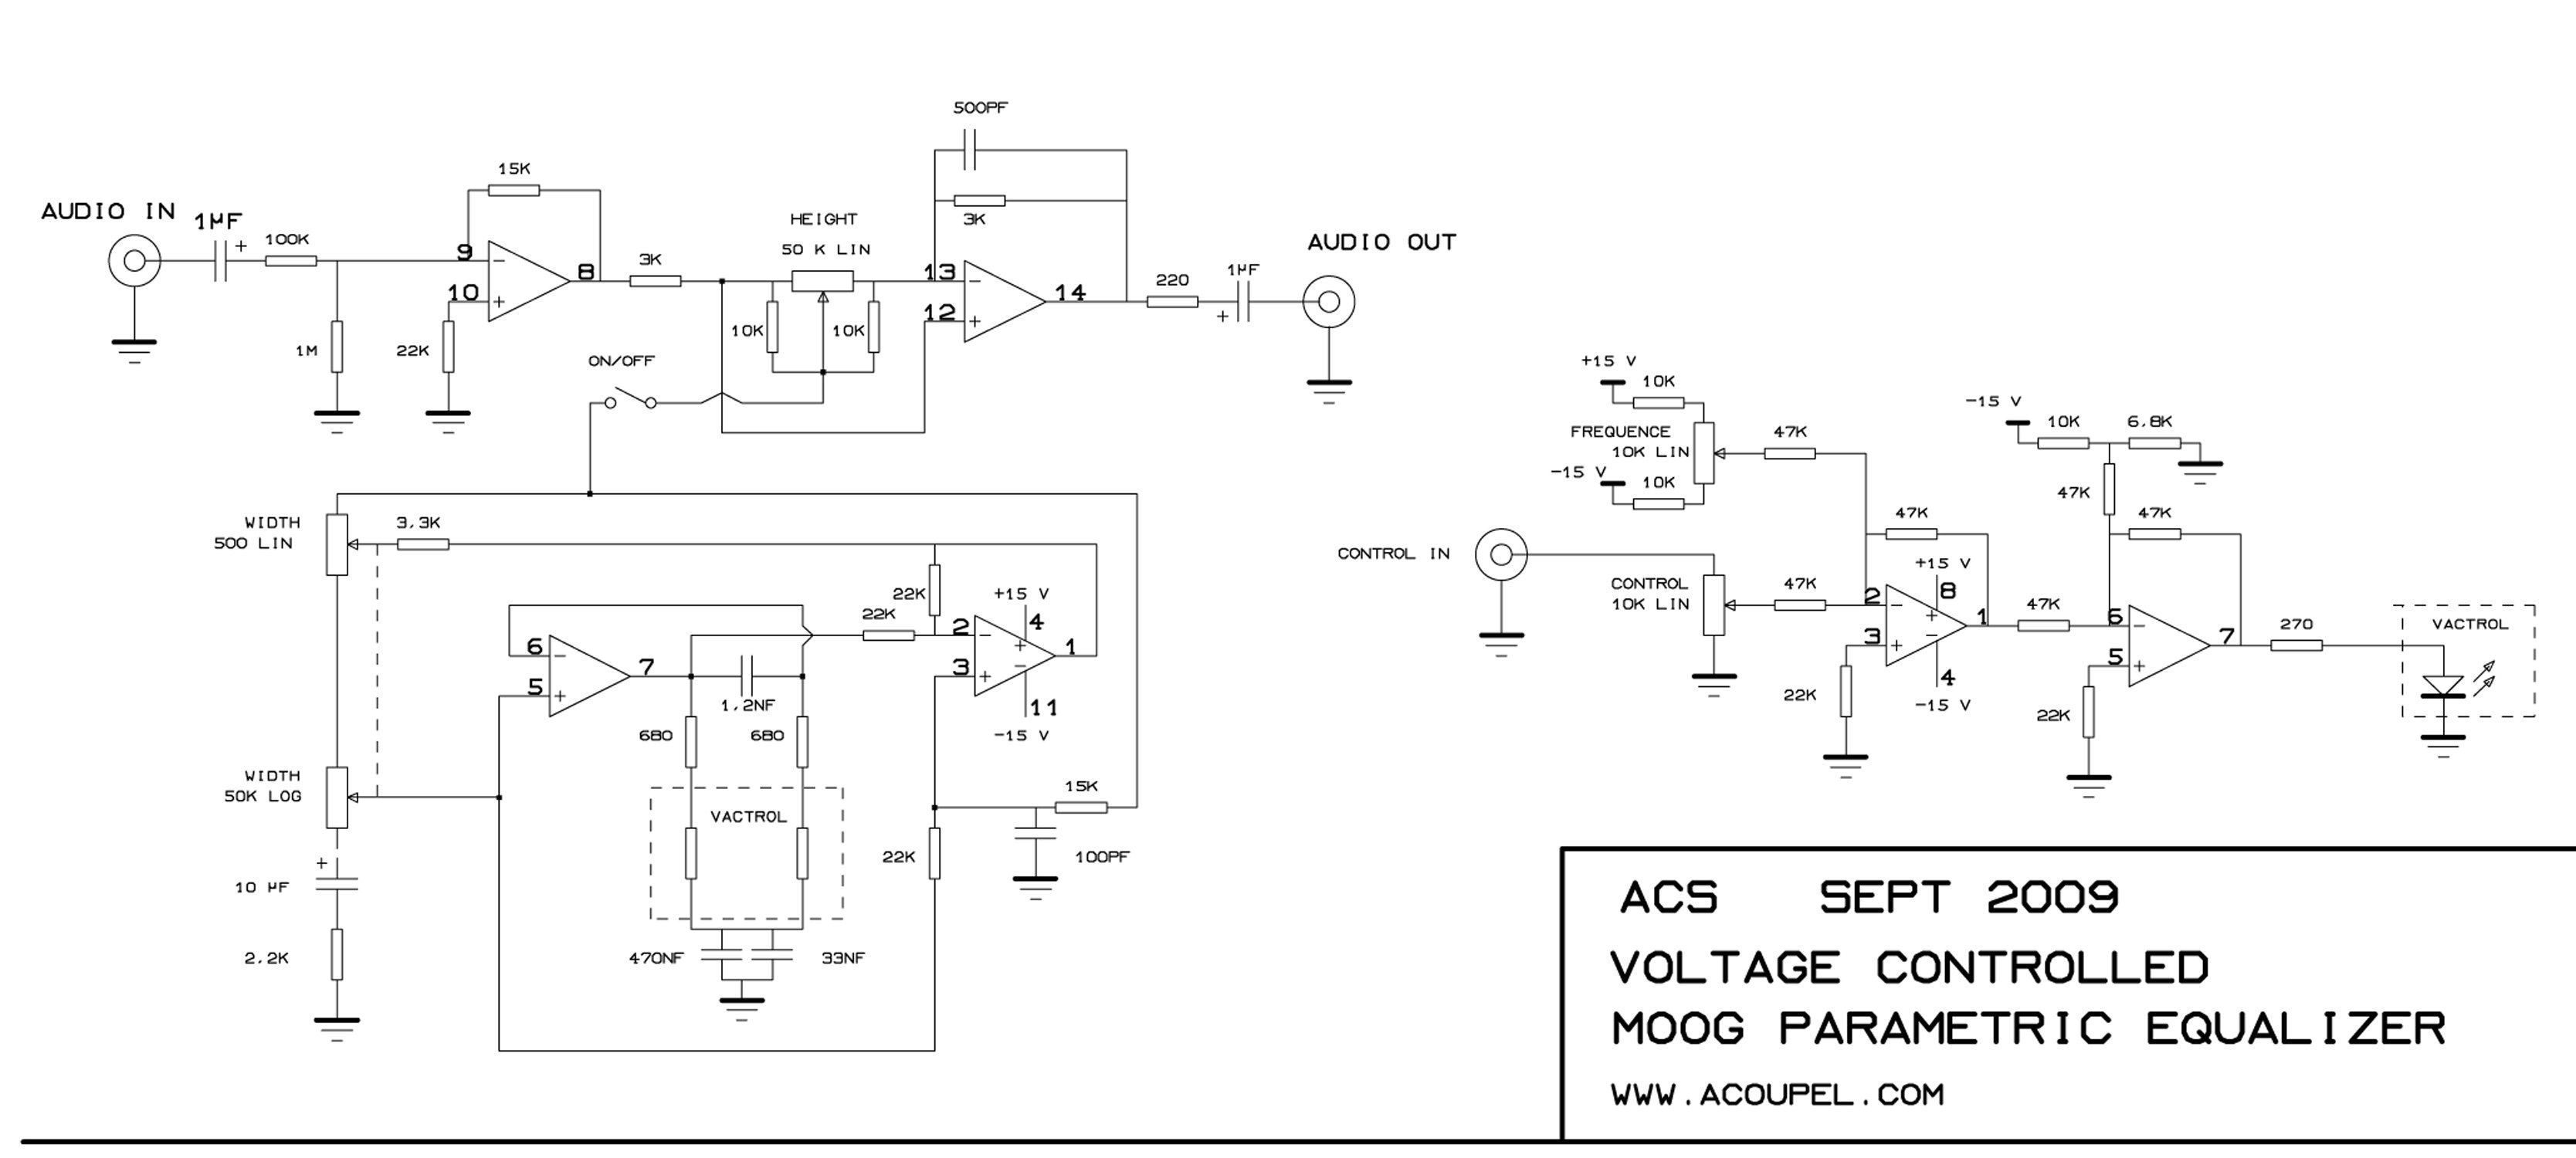 electro-music com wiki | Schematics / Moog Parametric